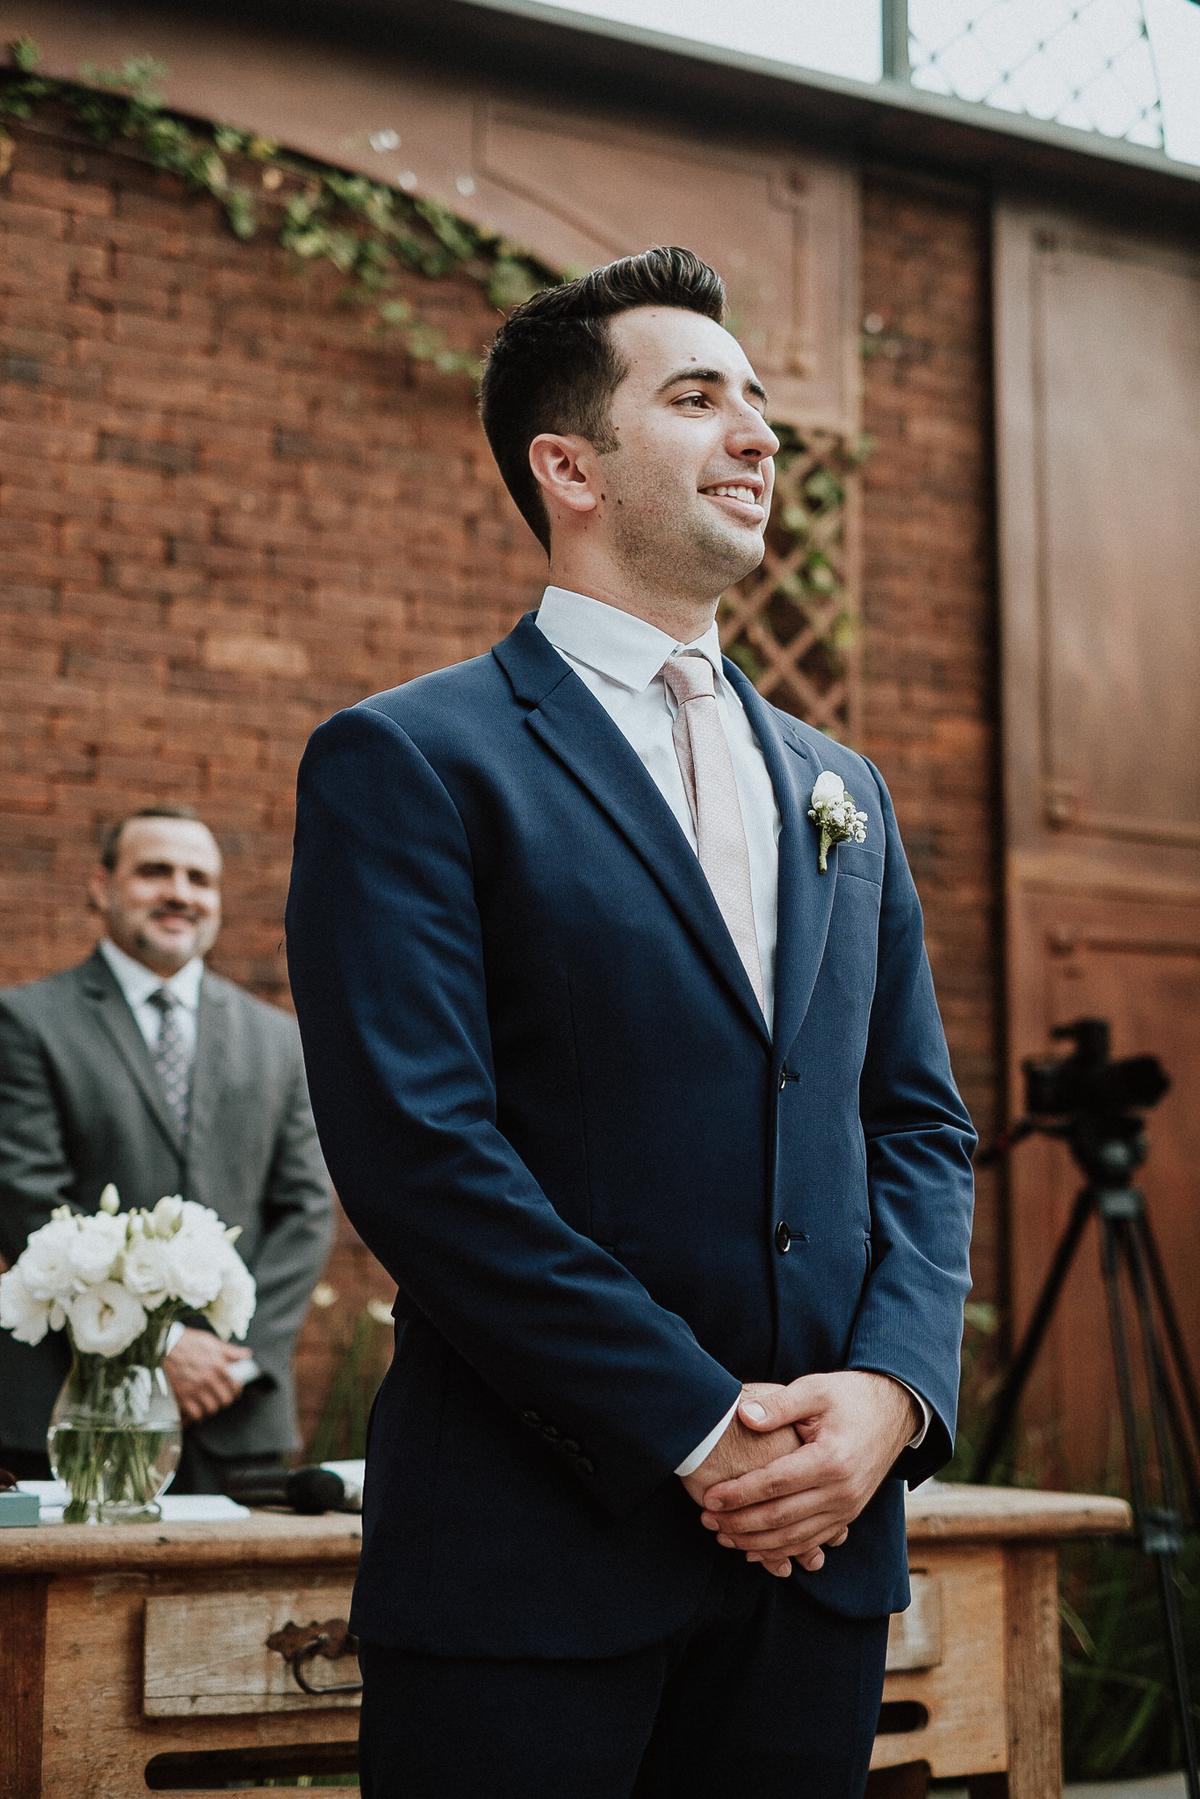 casamento de dia ao ar livre elopement wedding mini casamento fotografos de casamento  entrada do noivo fotos por caio henrique  reacao do noivo